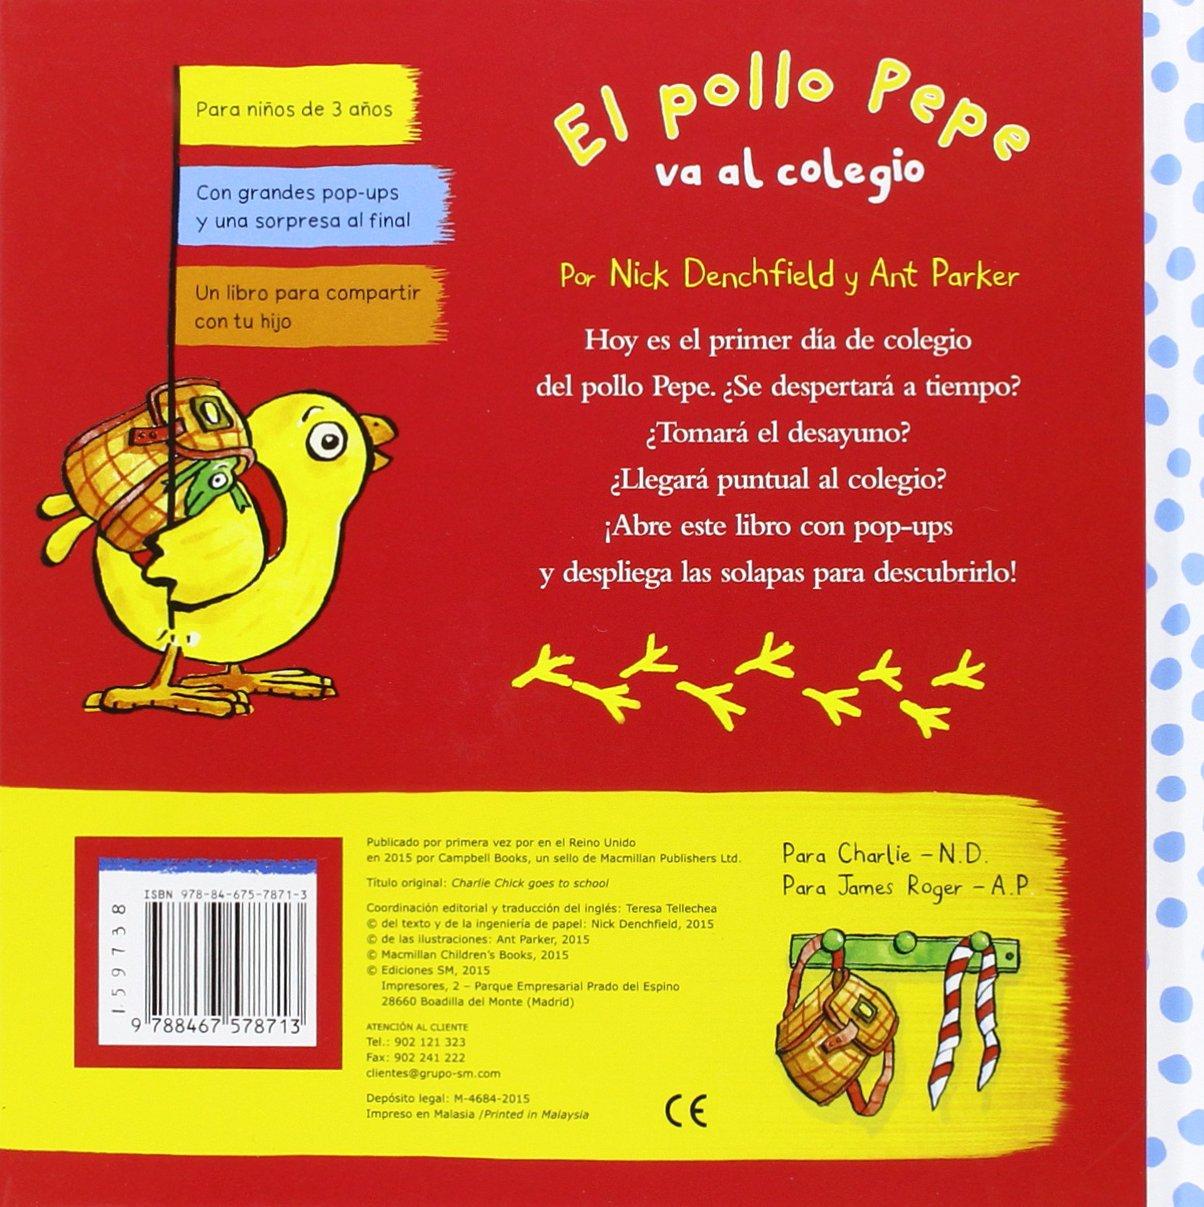 El pollo Pepe va al colegio: Amazon.es: Nick Denchfield, Ant Parker ...